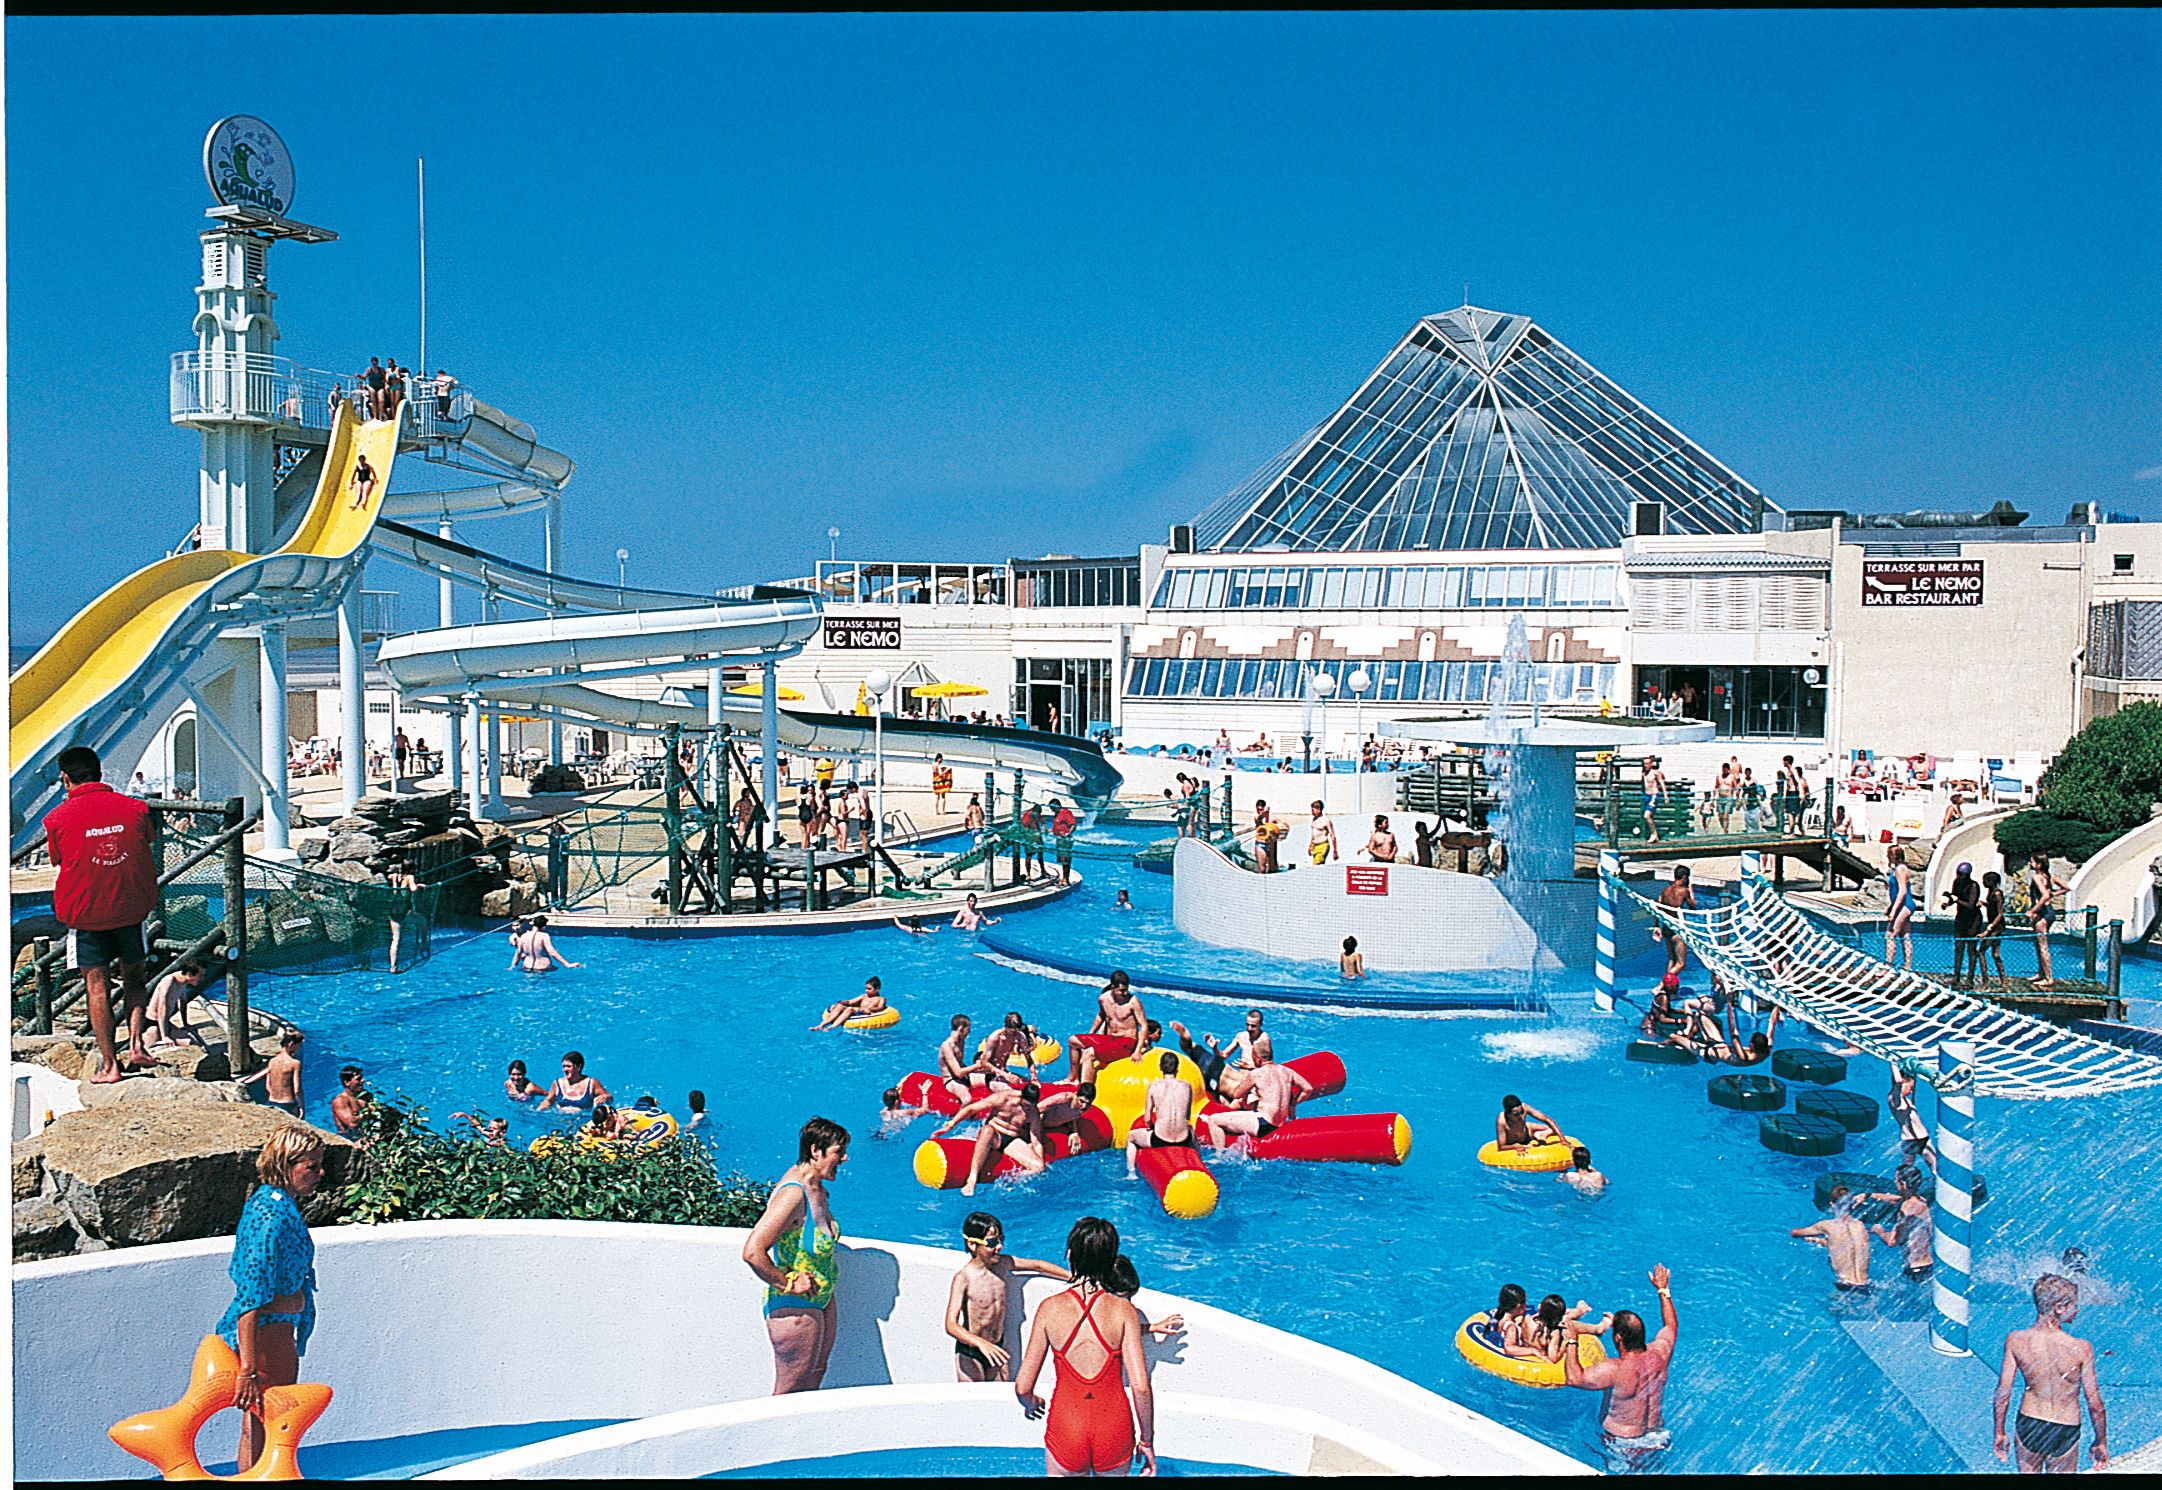 Centre aquatique aqualud le touquet paris plage cr dit for Piscine le touquet